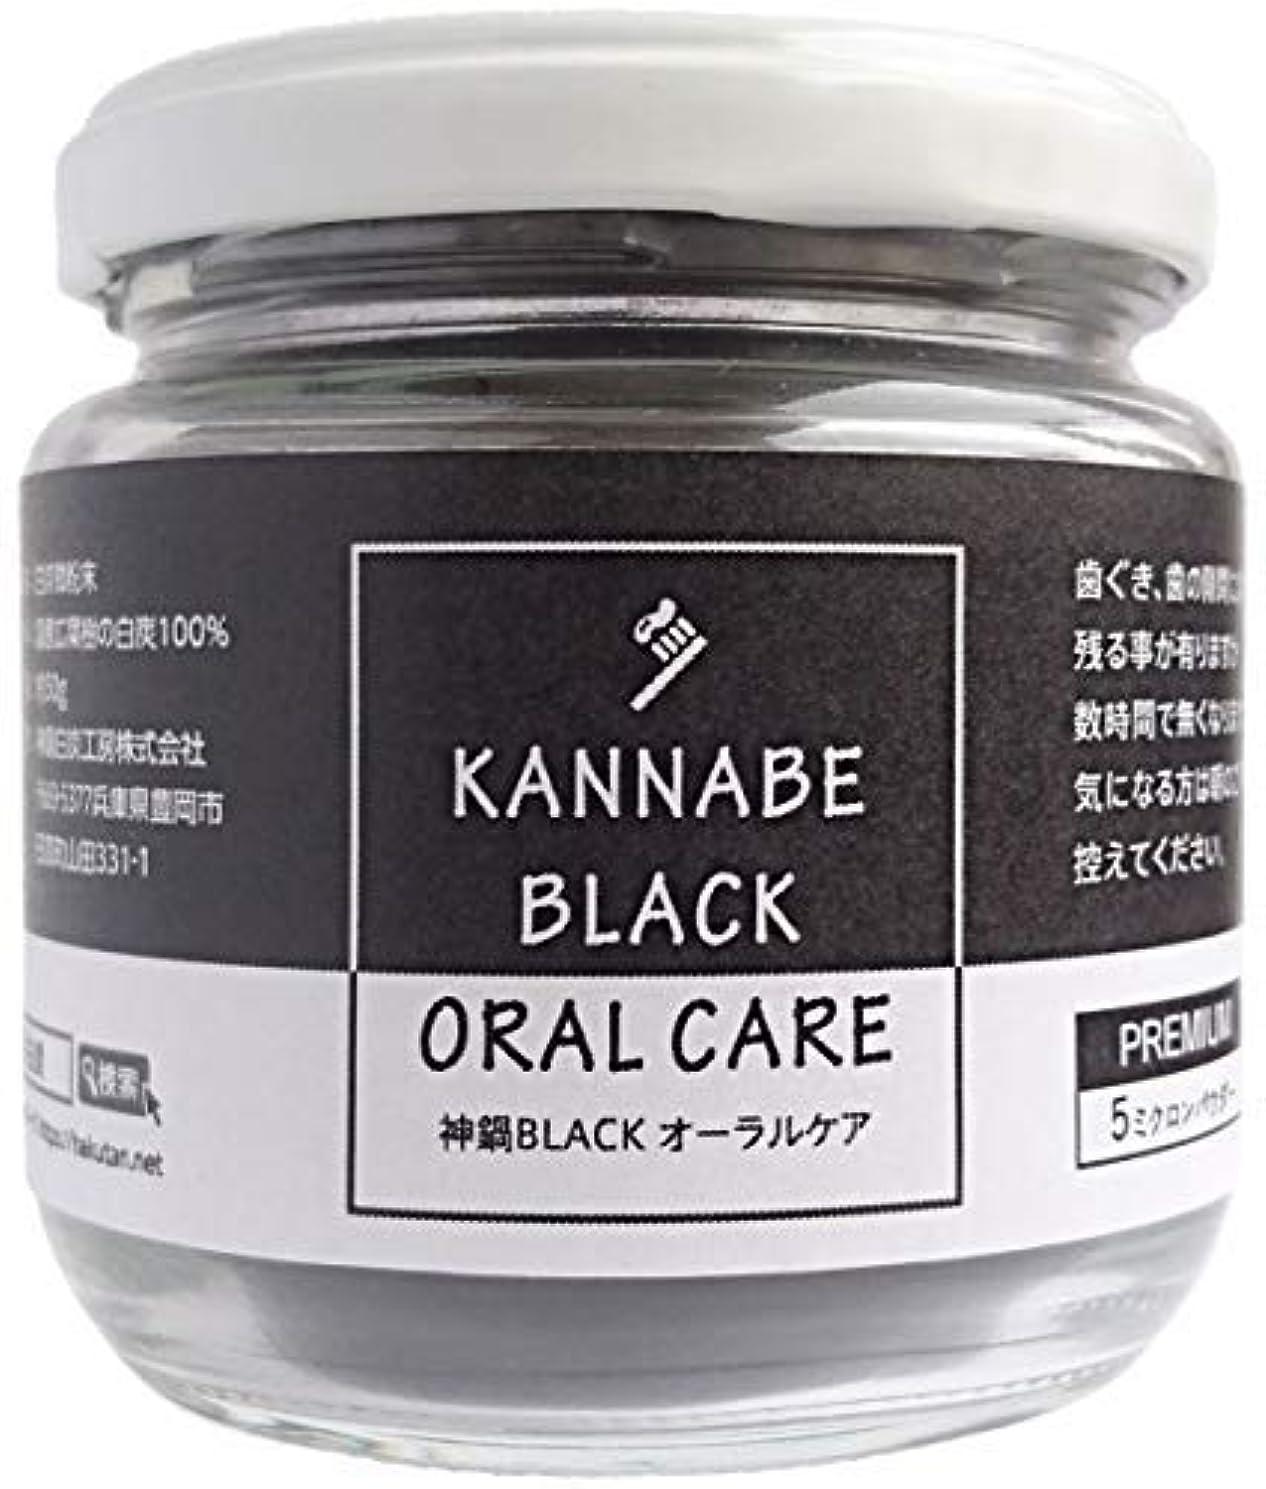 ベイビーフォーク約束するホワイトニング オーラルケア 歯磨き 口臭 炭パウダー チャコール 5ミクロン 神鍋BLACK 独自白炭製法 50g